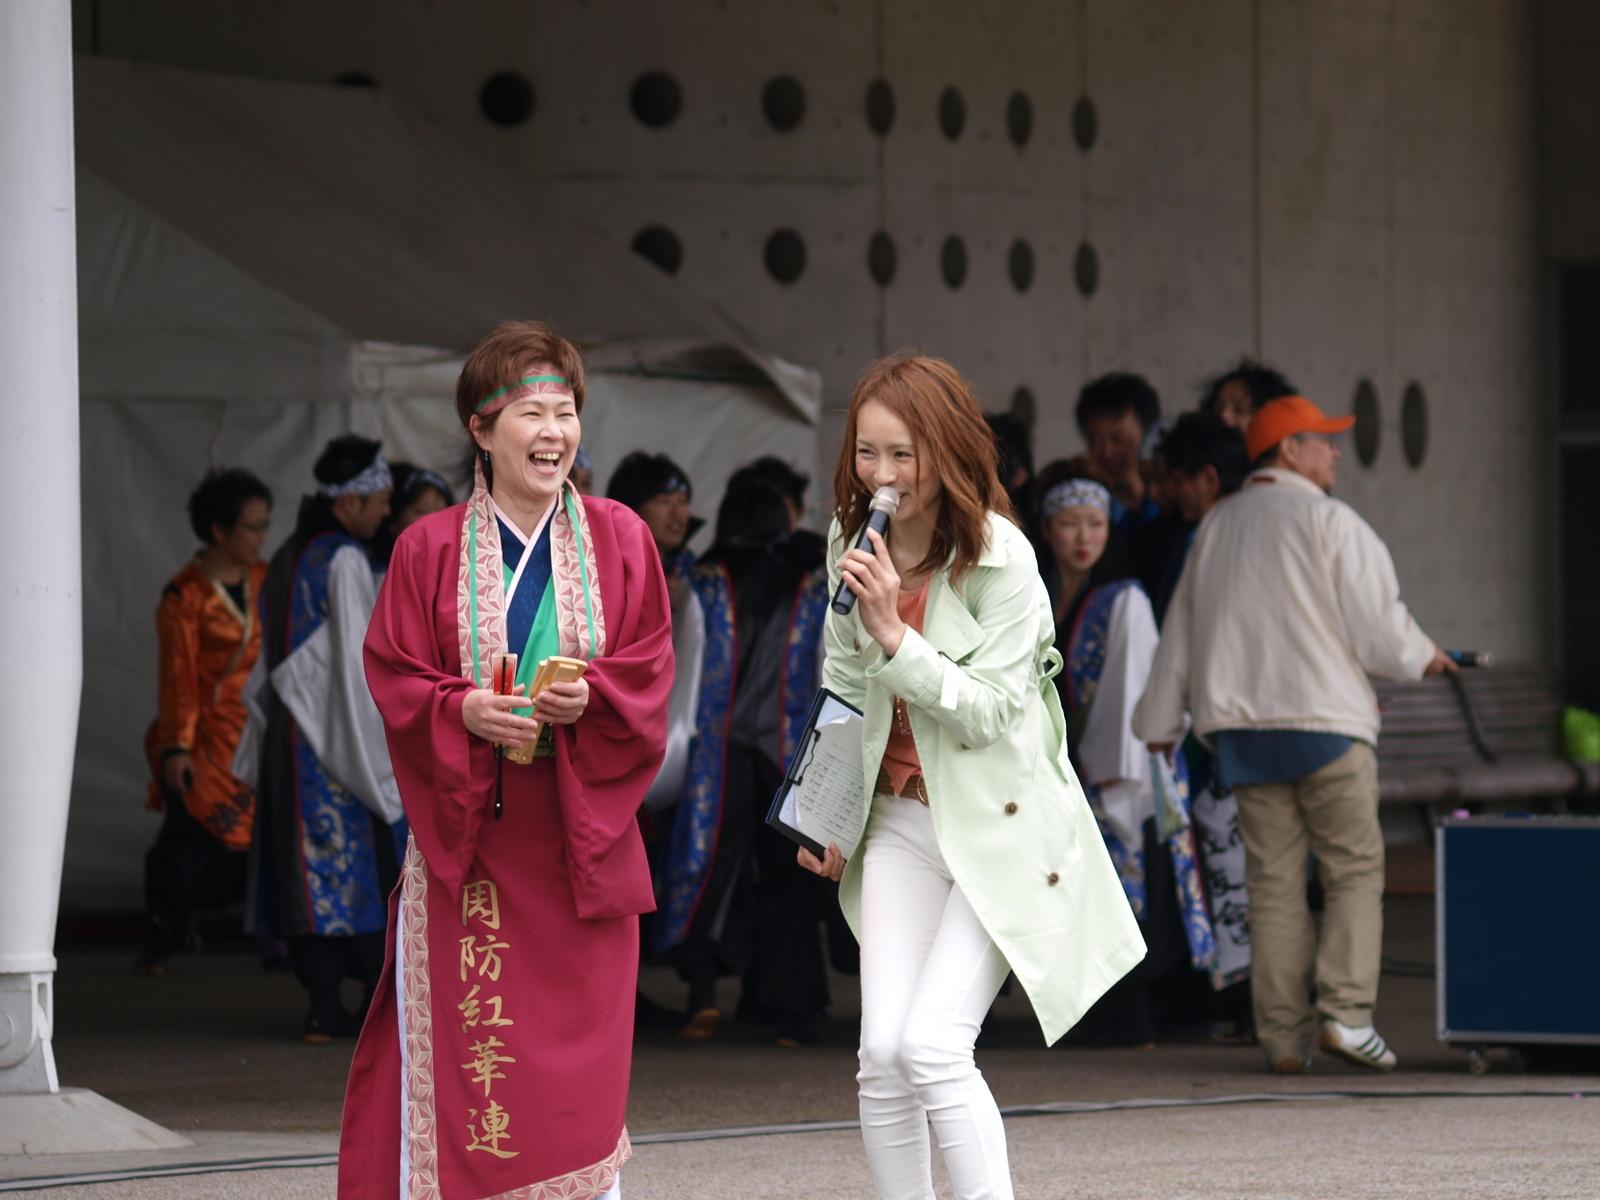 生協まつり 2014 総踊り(ぶち笑え)